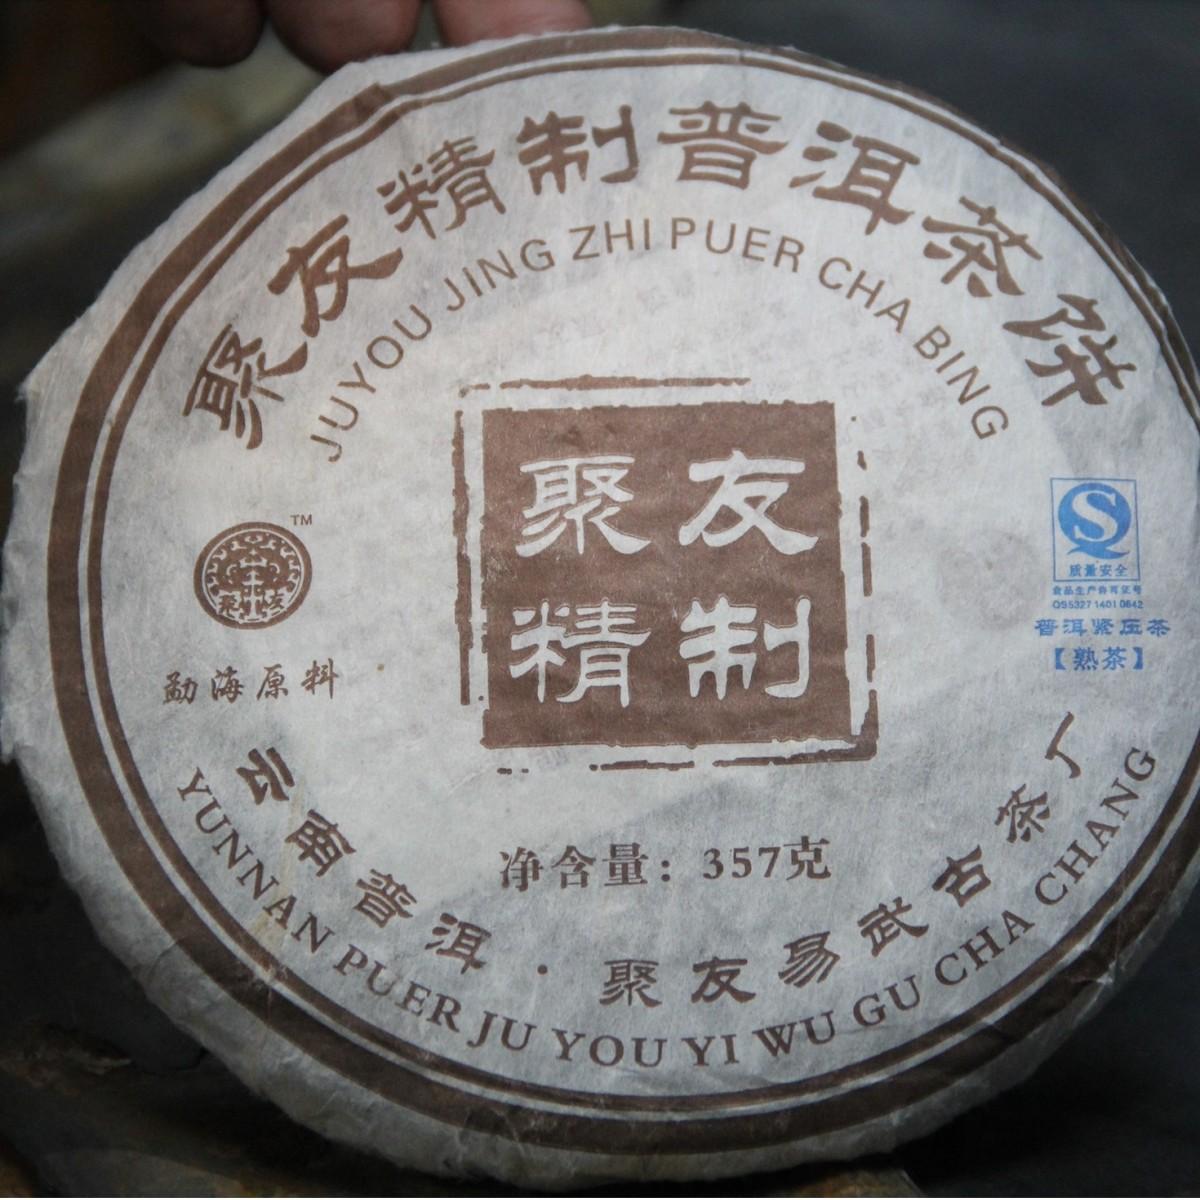 84_2009年聚友精品制作(勐海原料) 357g